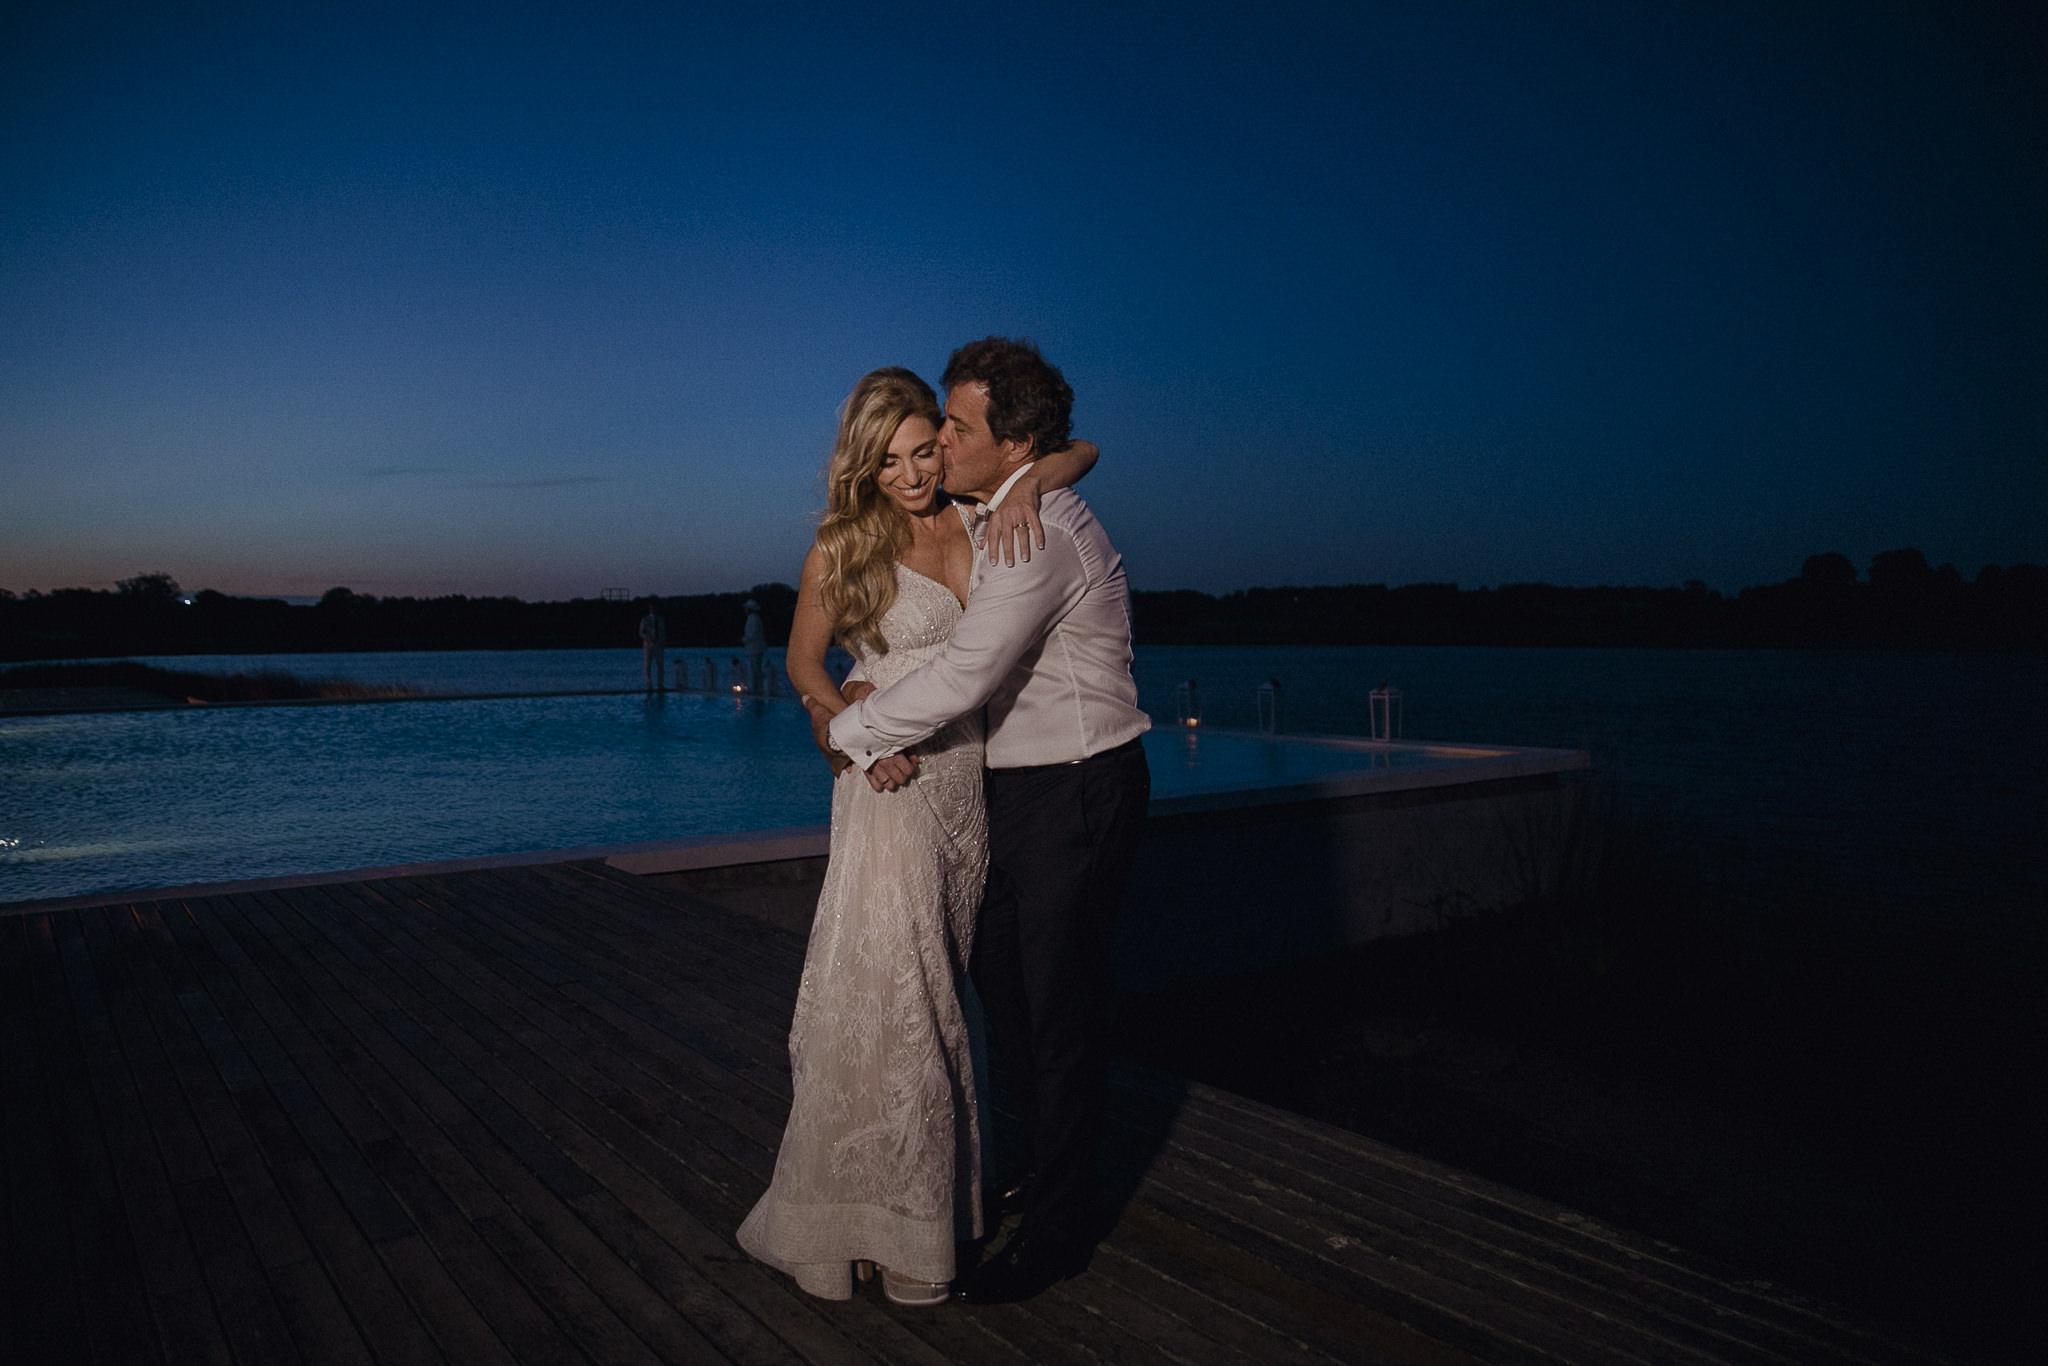 Boda en laguna escondida, boda argentina